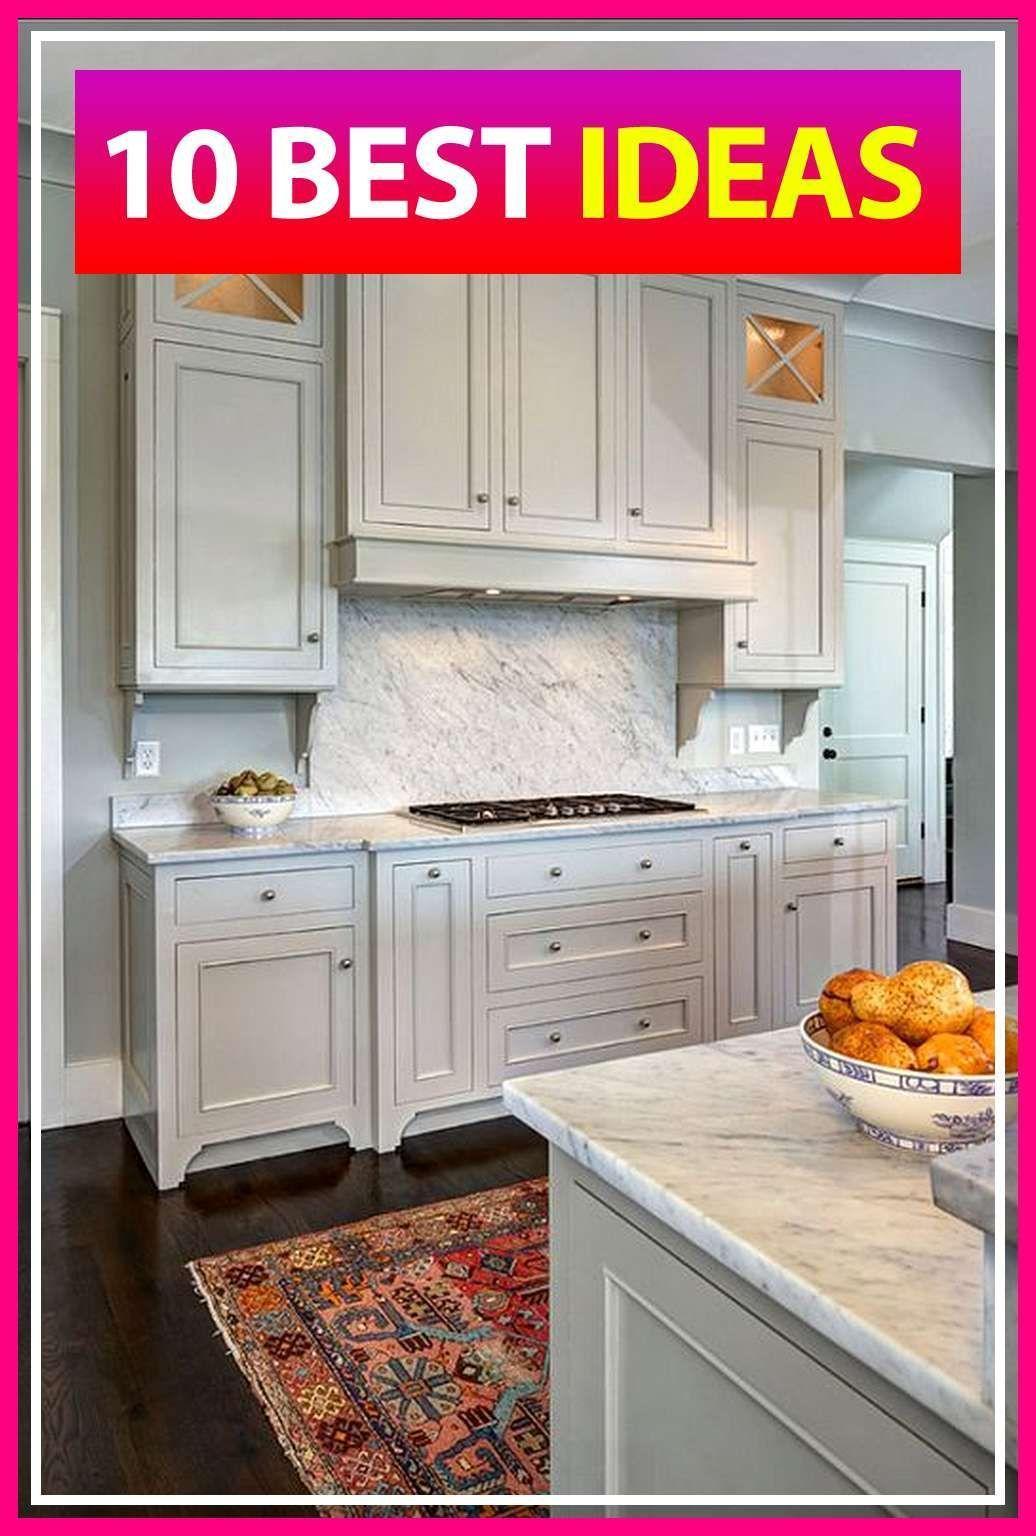 10 Beautiful Best Kitchen Cabinet Paint Colors Grey Interior Graykitchencabinet Beautiful Cabinet Colors Graykitchencabinet Grey Interior Kitchen Pai I 2020